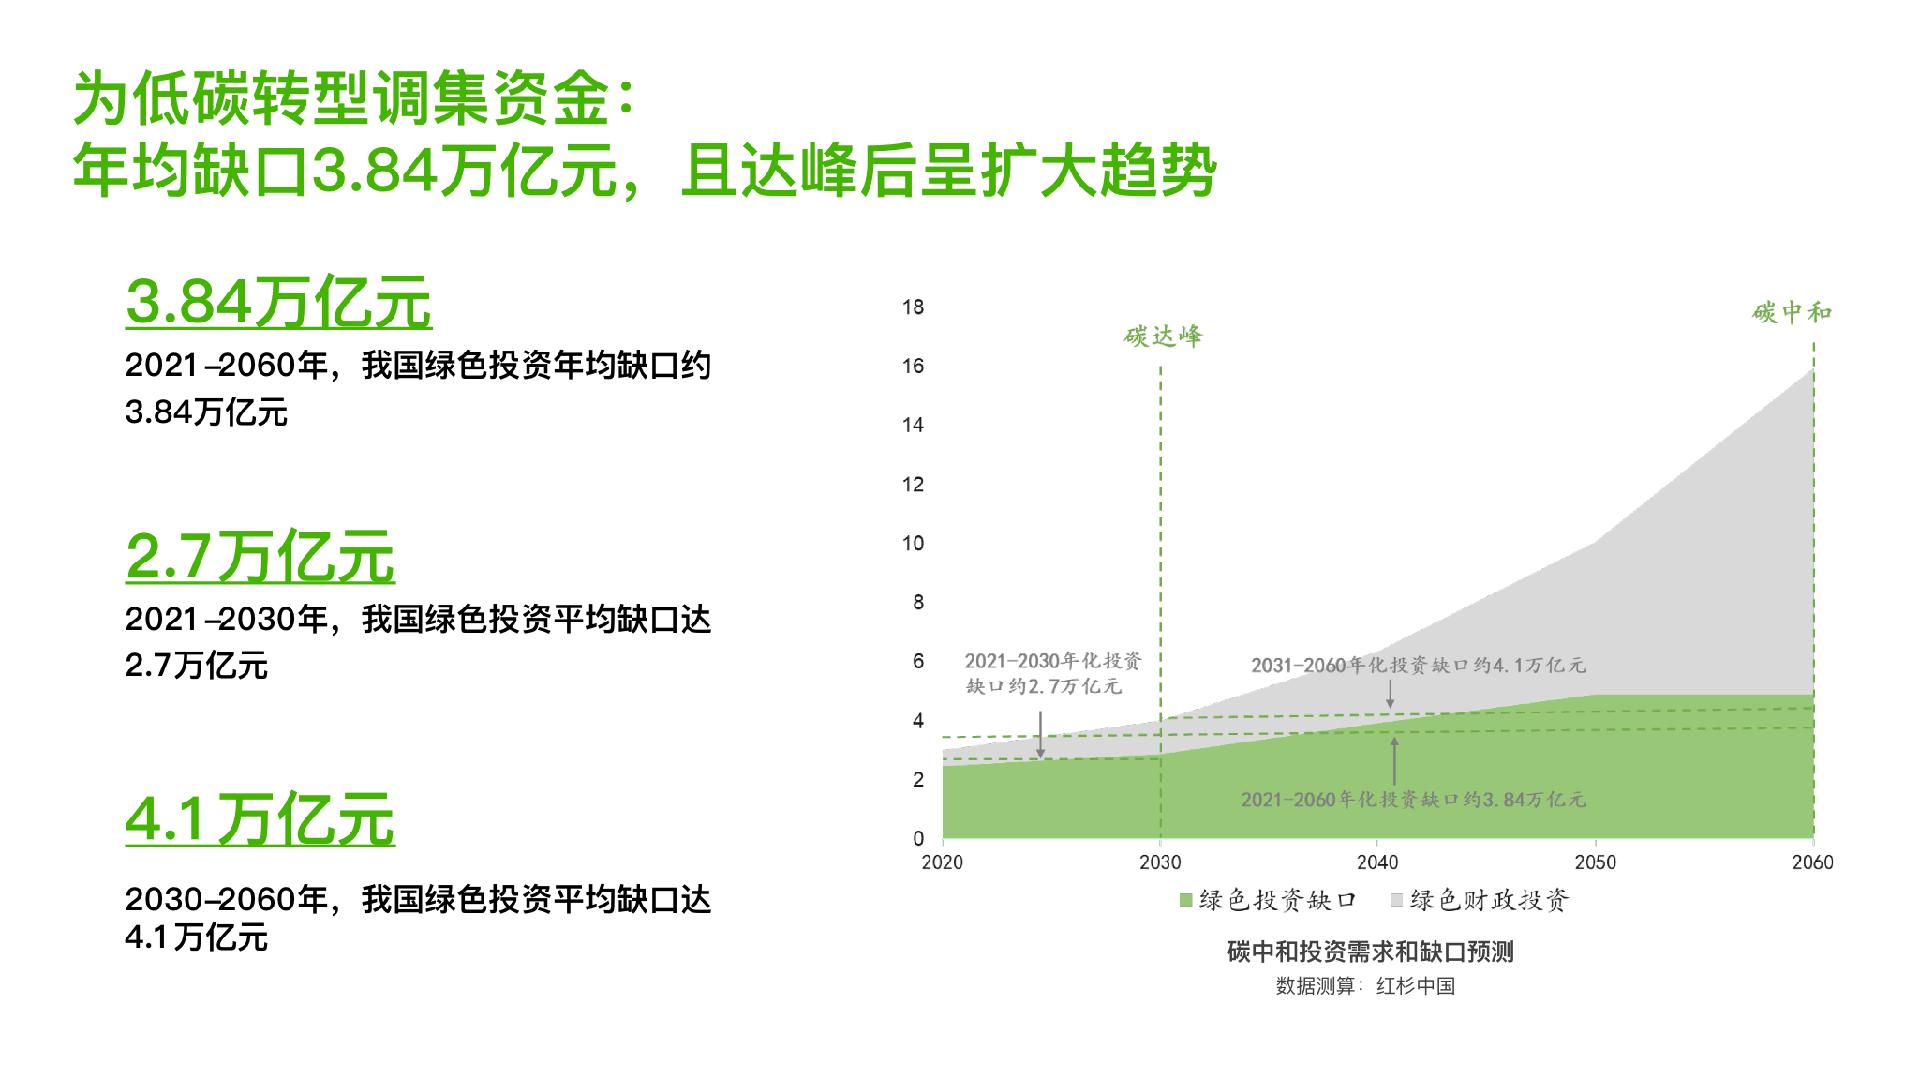 坚持责任投资,红杉首发《迈向零碳——基于科技创新嘅绿色变革》报告